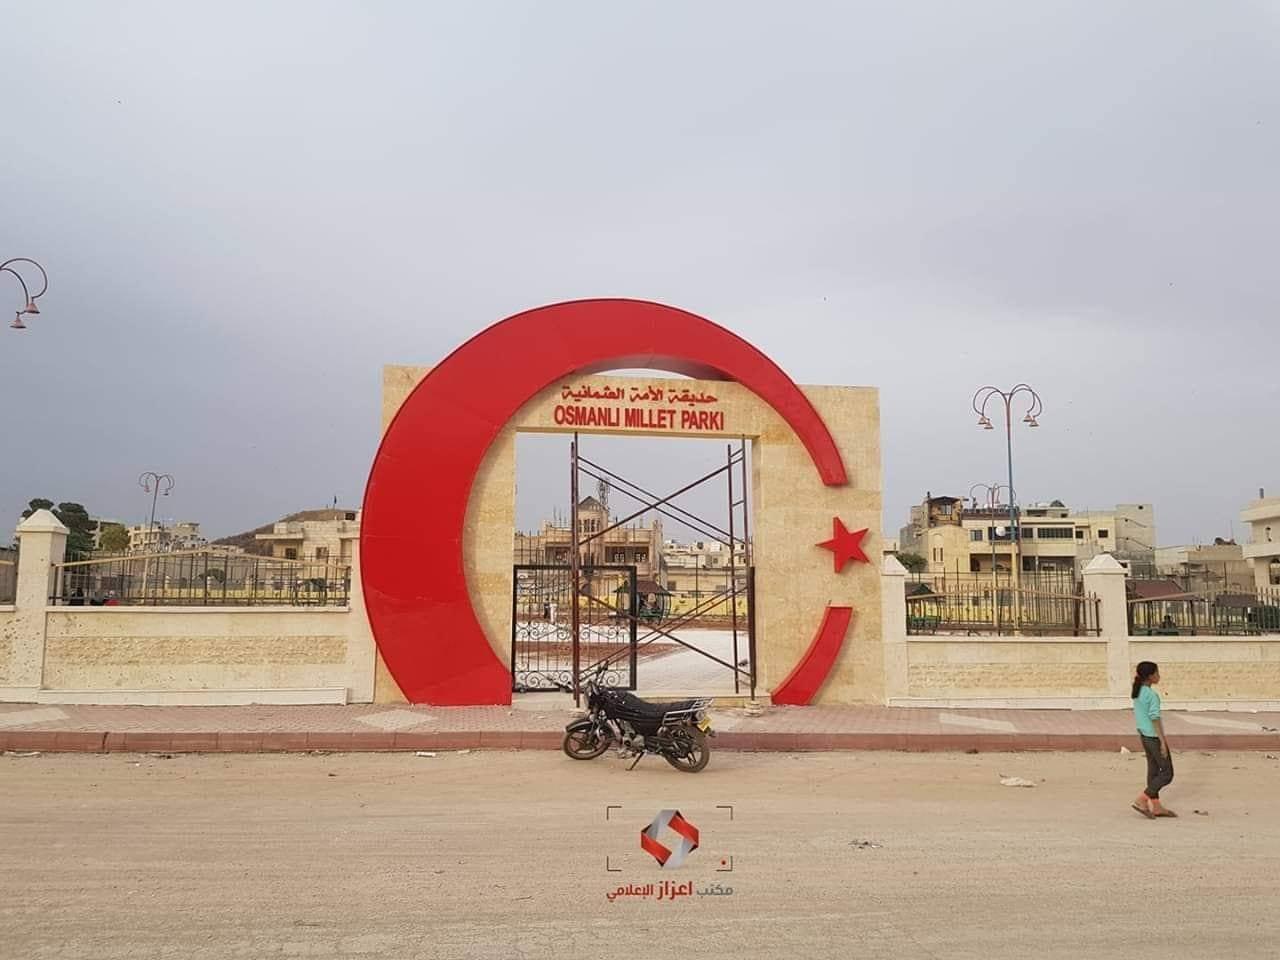 حديقة الأمة العثمانية في اعزاز بريف حلب الشمالي - حزيران 2019 (مركز اعزاز الإعلامي)